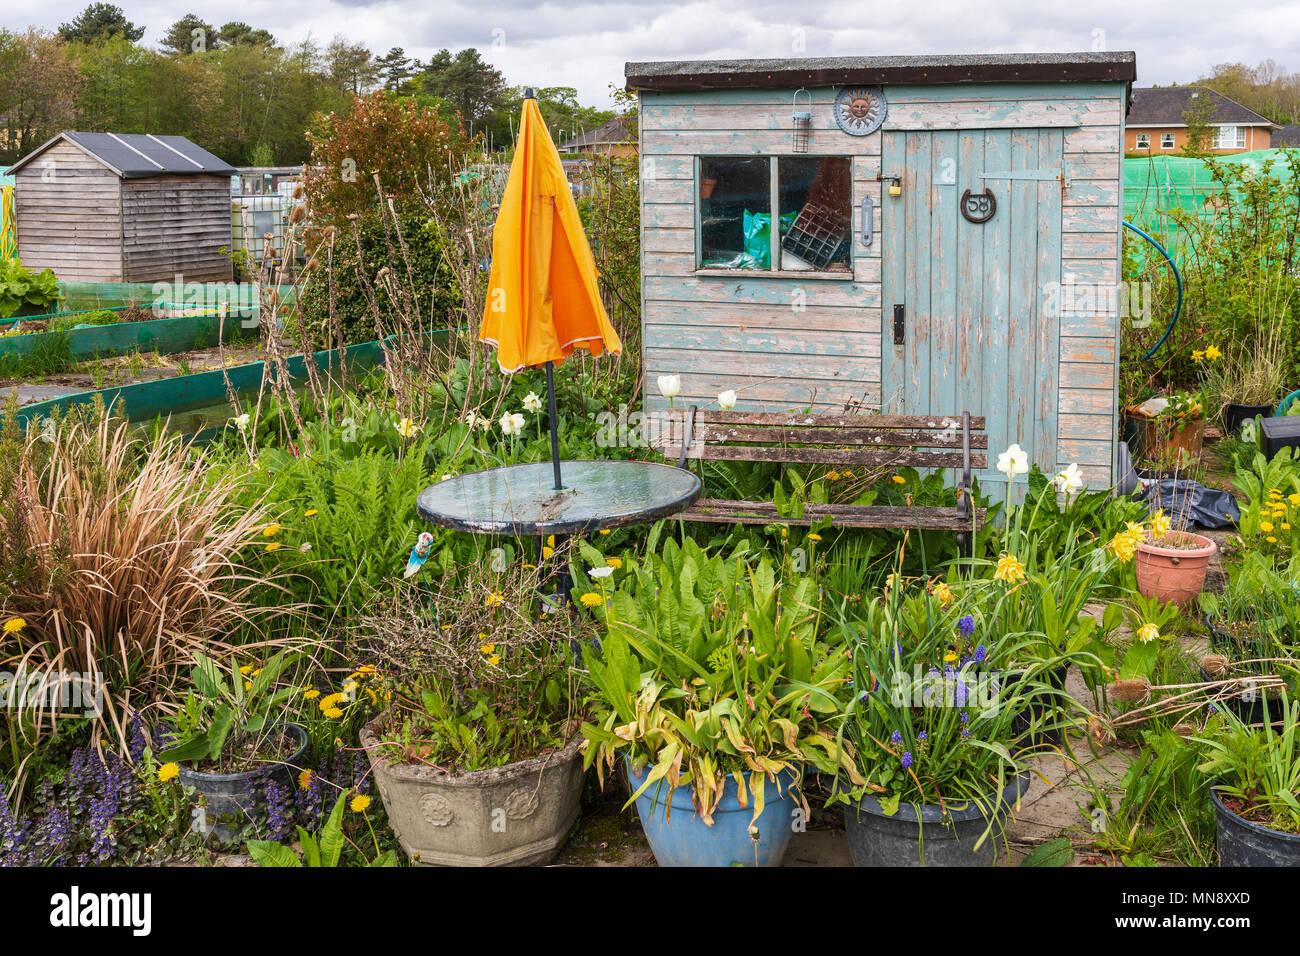 Kleinen Verwilderten Garten Grundstuck In Einem Gemeinschaftsgarten Kilwinning Ayrshire Schottland Stockfotografie Alamy